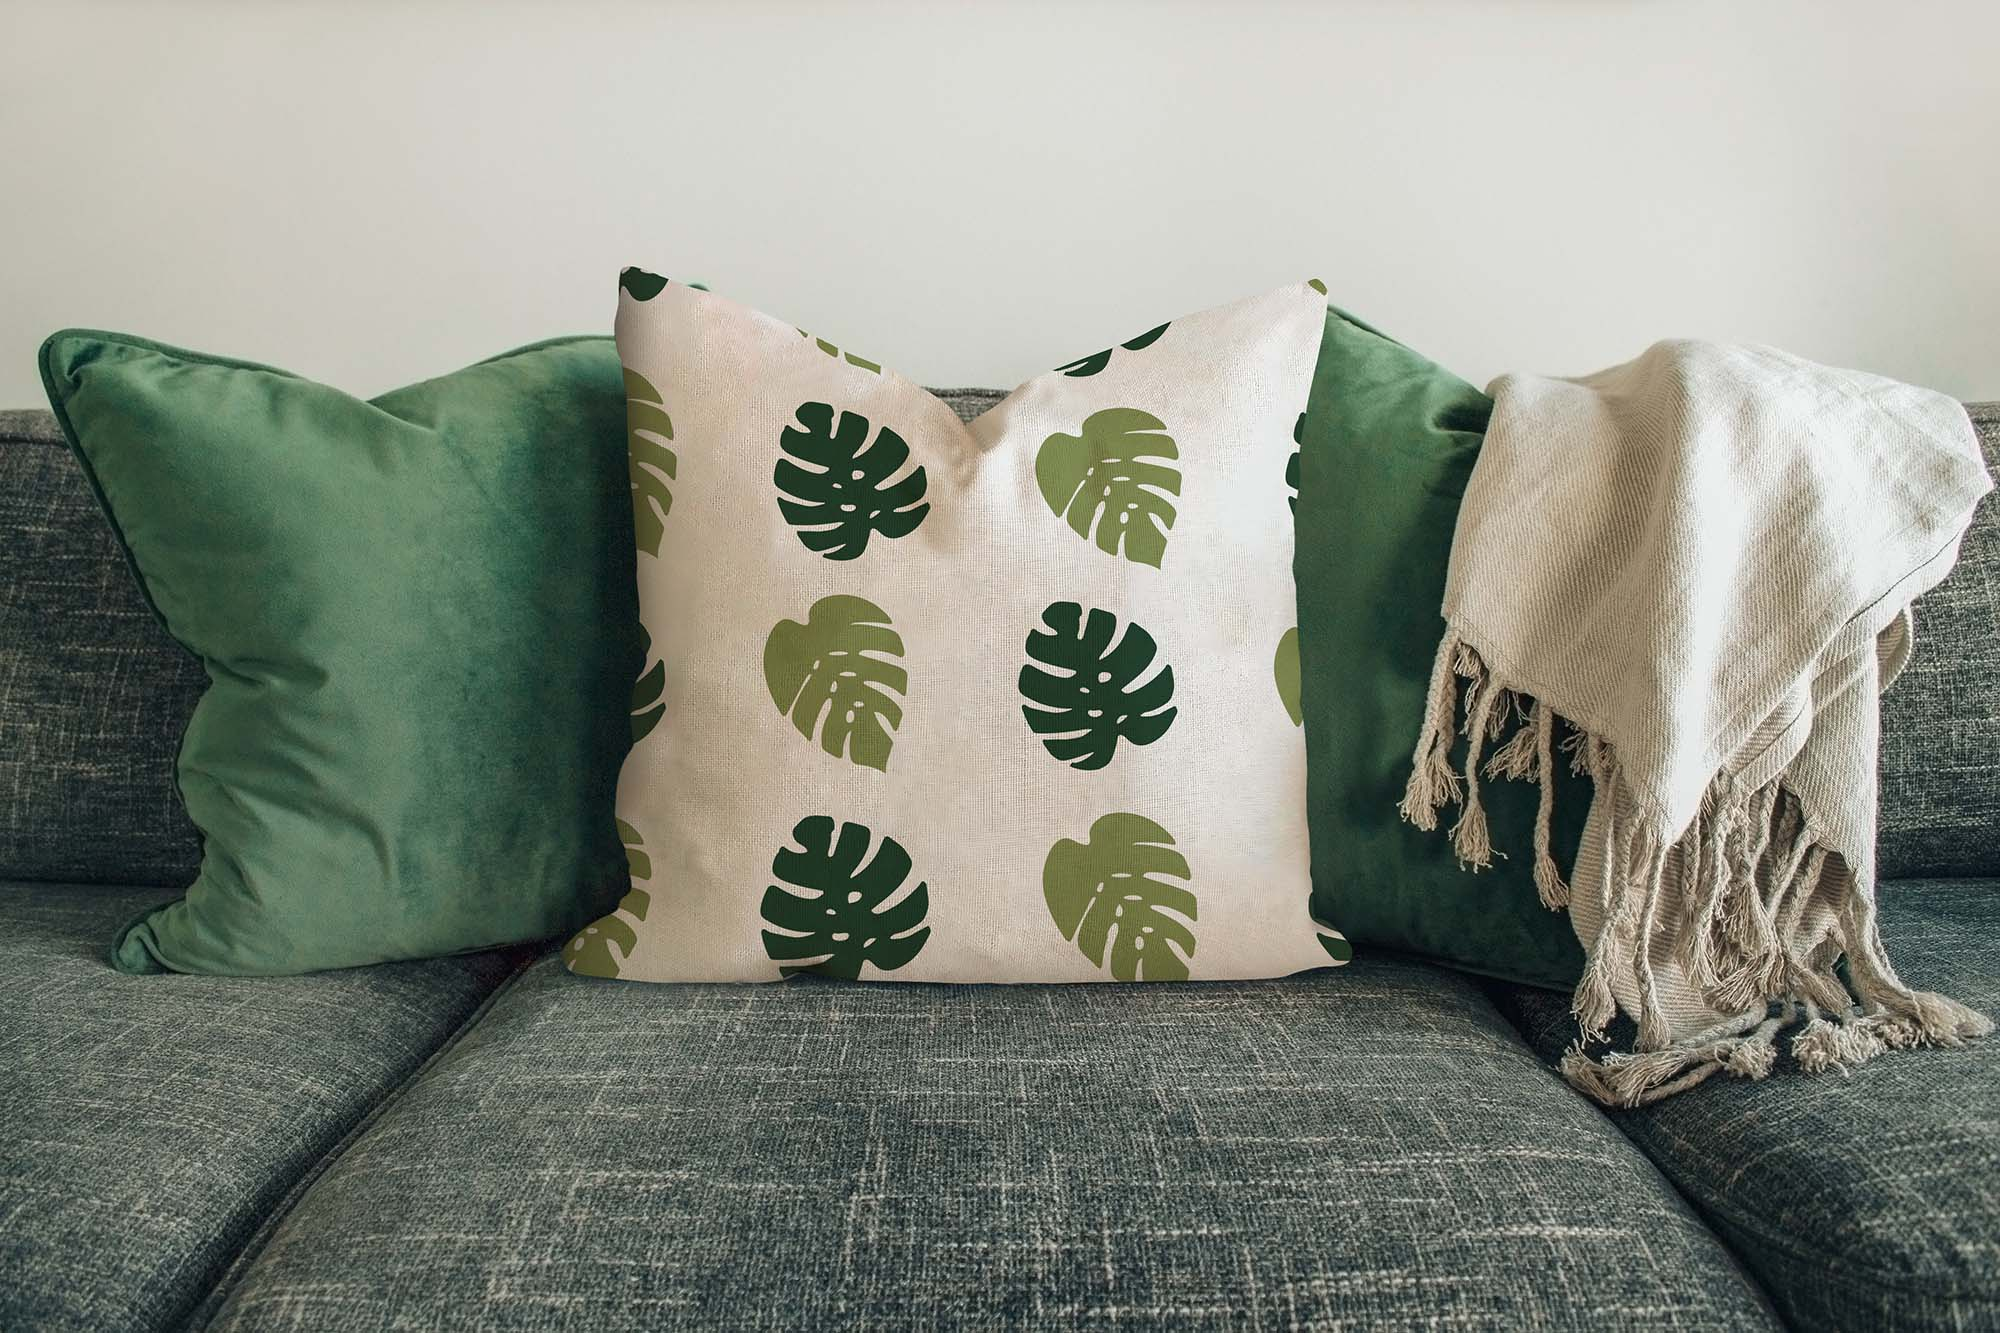 Pillow on Sofa Mockup